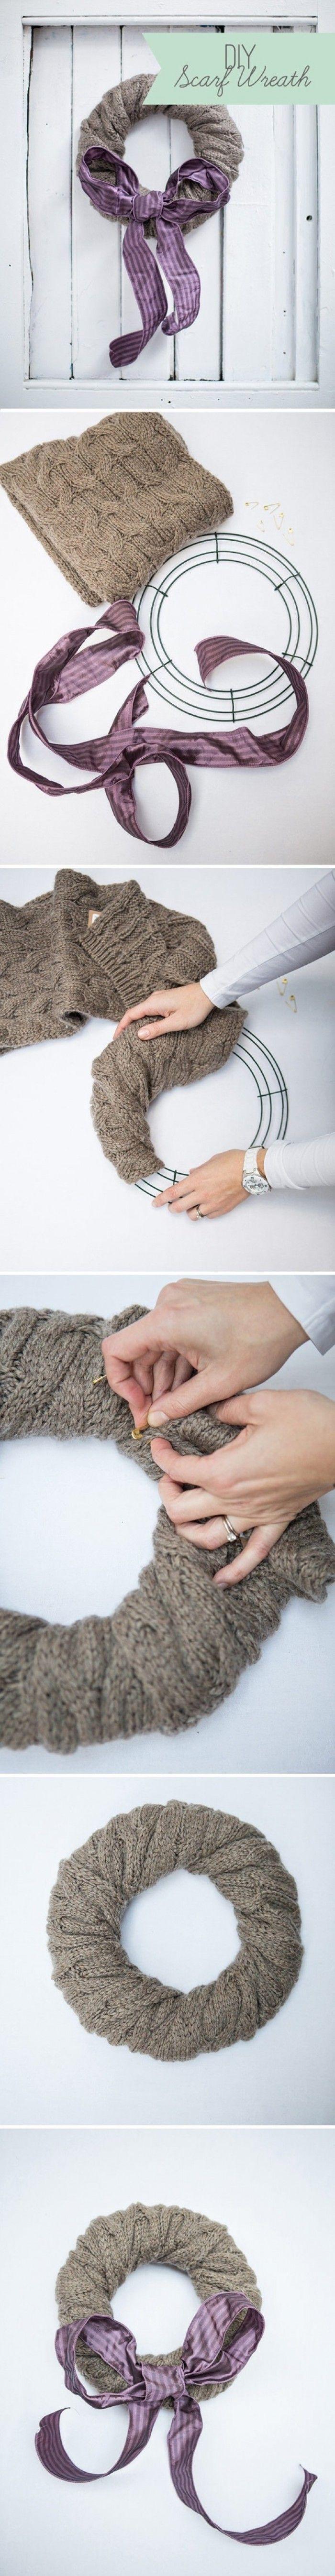 hoe je van een oude trui een krans kan maken